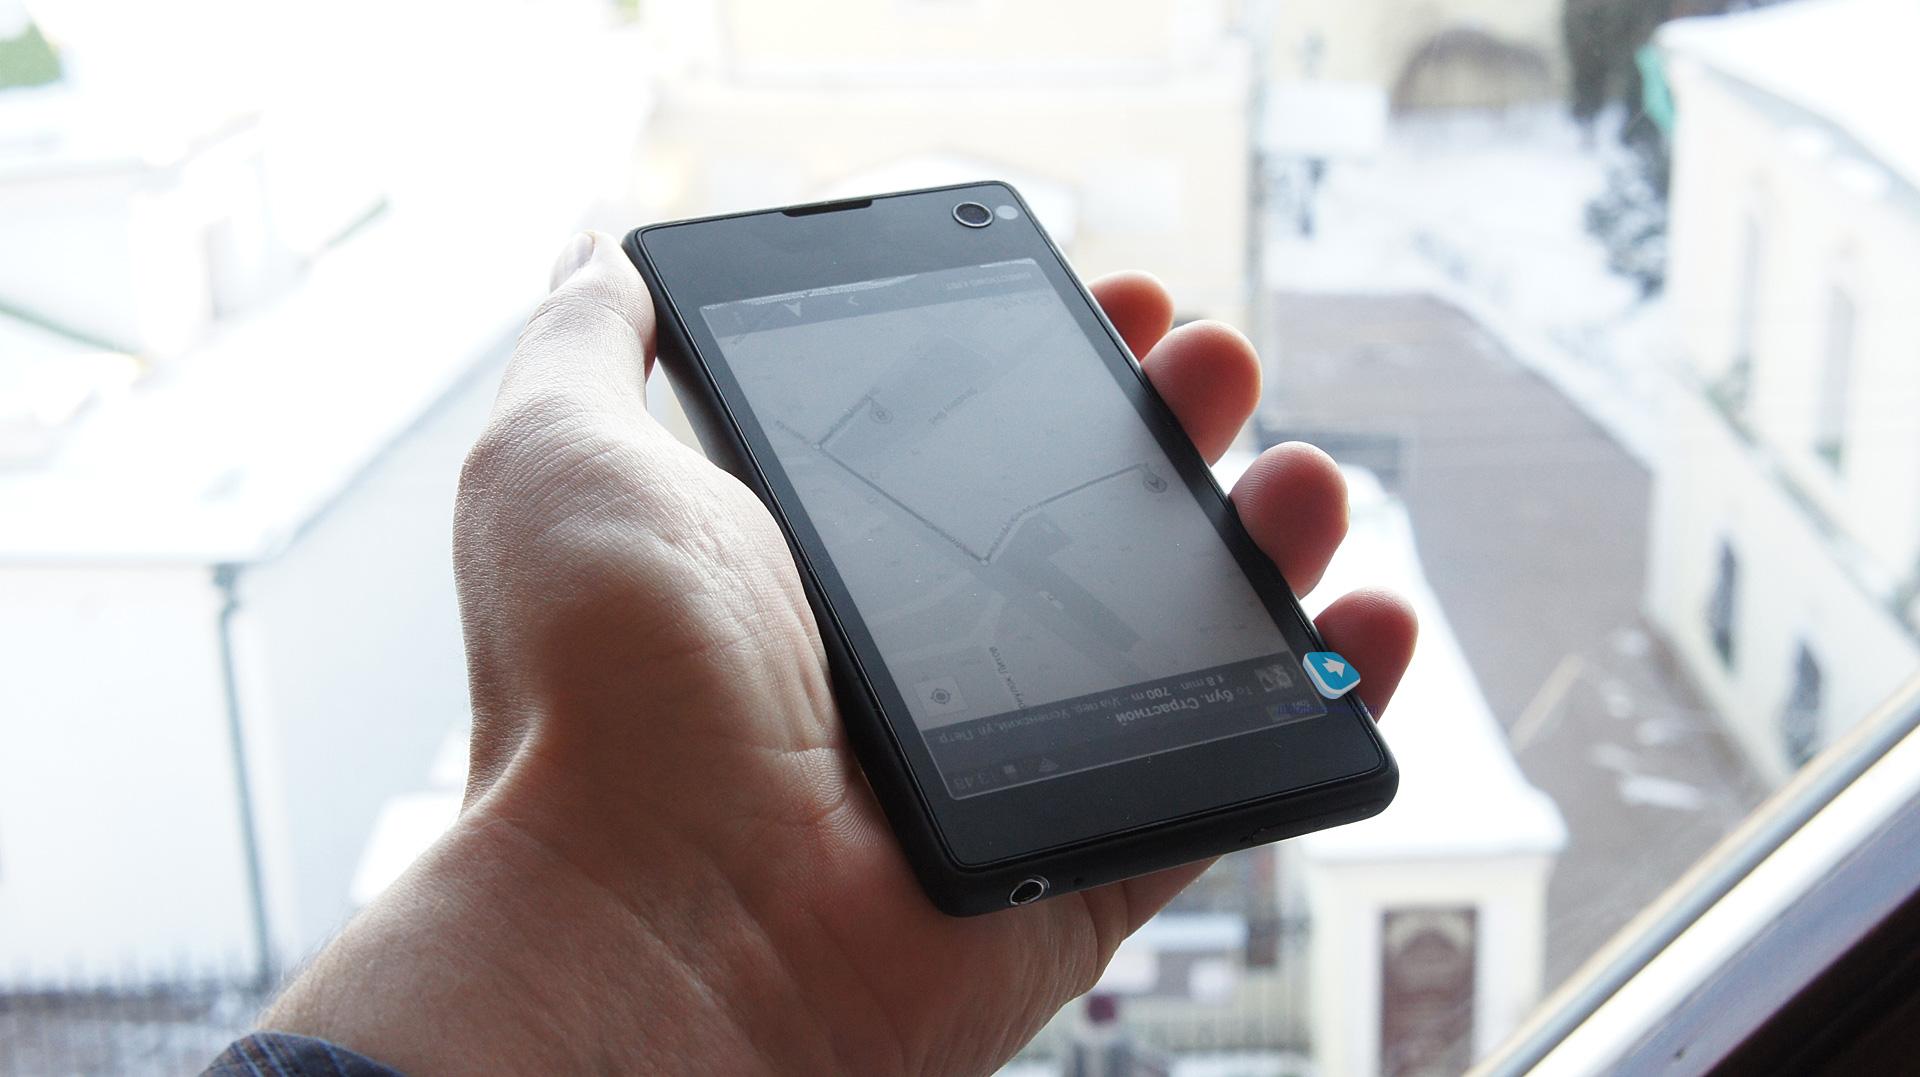 О том, что Yota разрабатывает российский смартфон, мы узнали осенью 2010  года, когда Сергей Чемезов, глава государственной корпорации  «Ростехнологии», ... ab2d40e170c